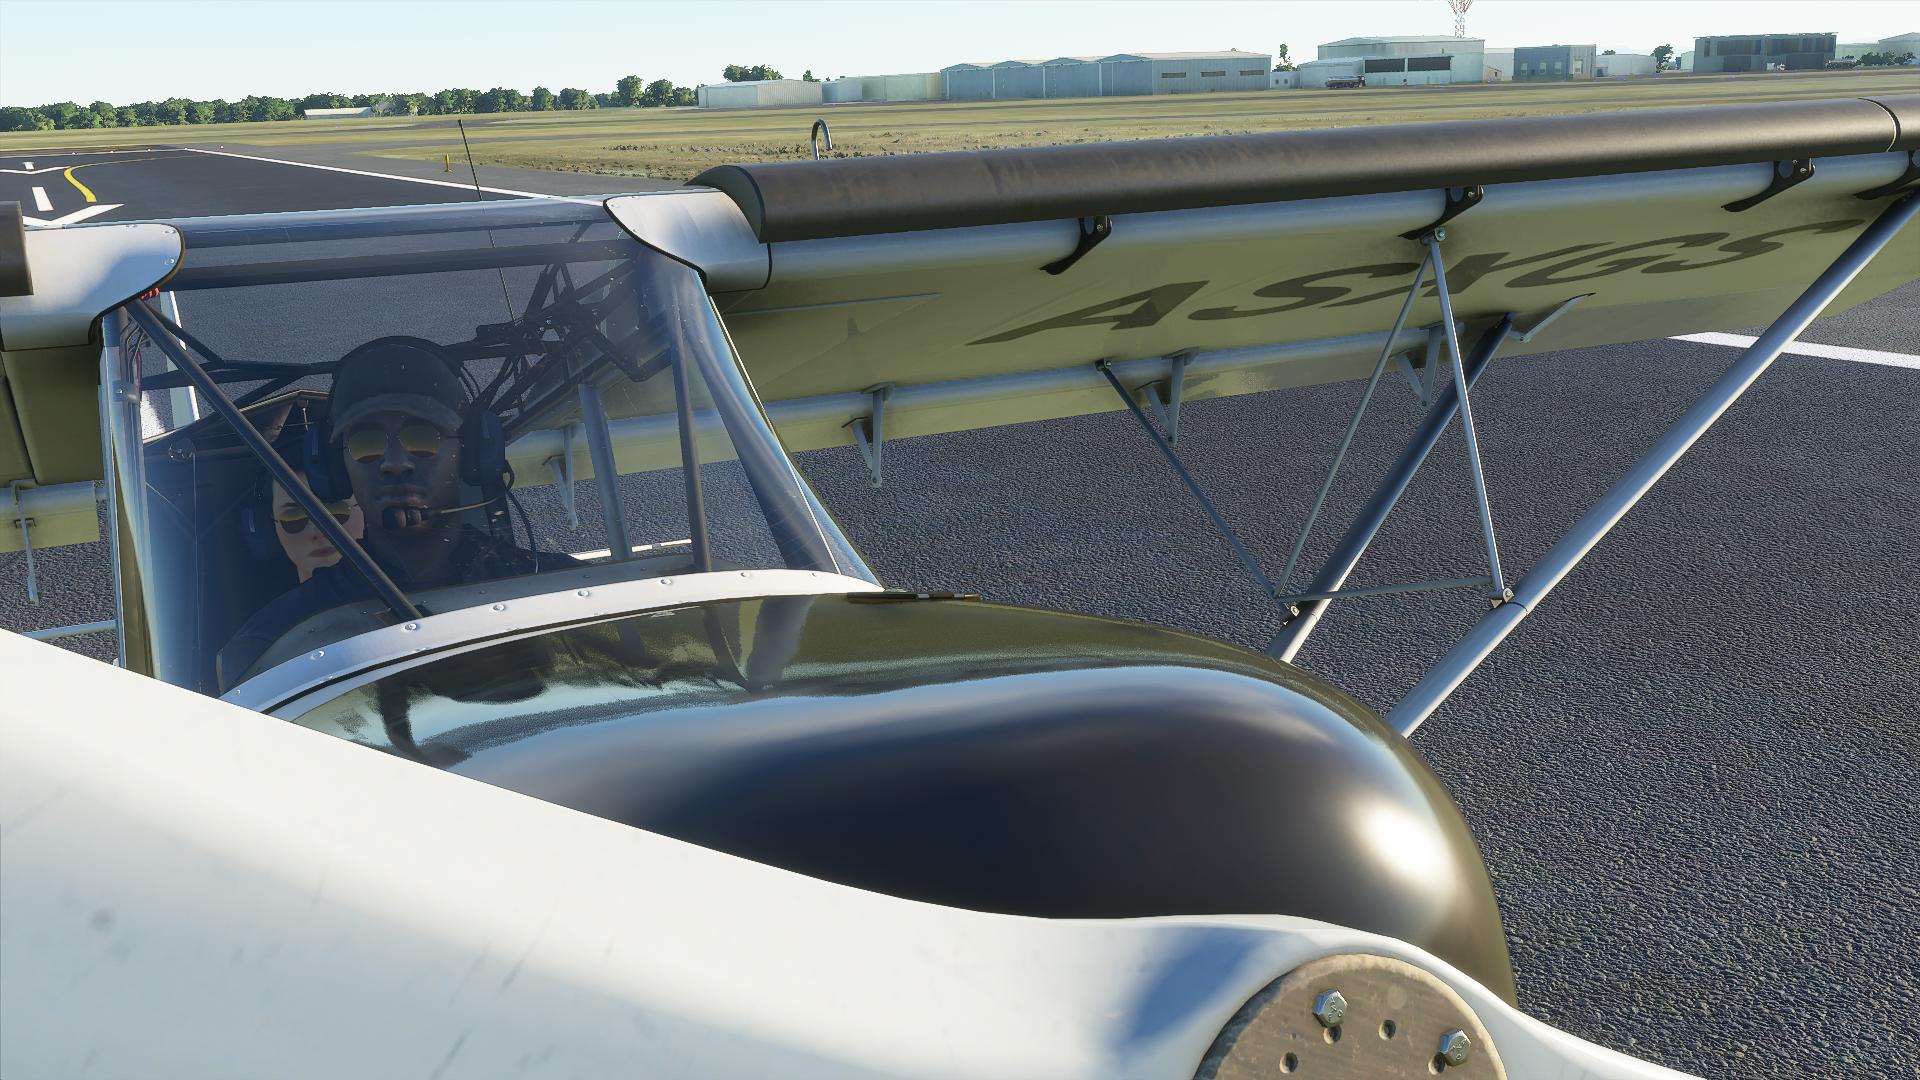 Bush Flying Idaho LEG 4